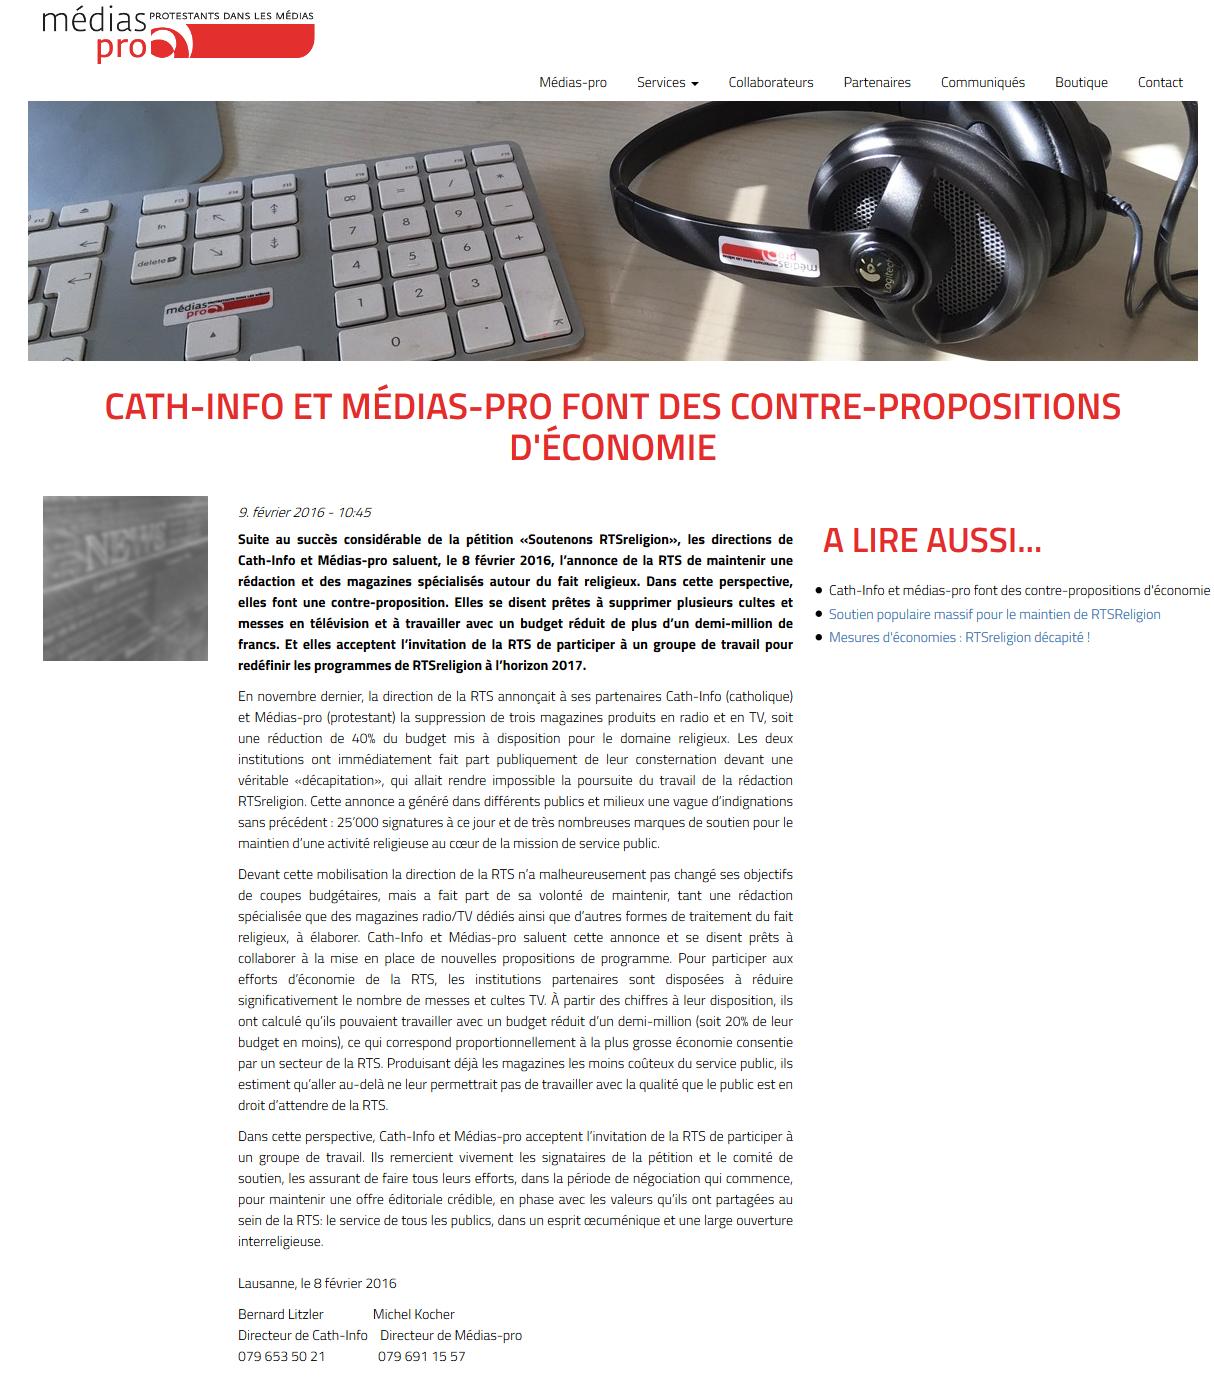 2016-02-09 Cath-Info et Medias-pro font des contre-propositions d'economie (Medias-pro)